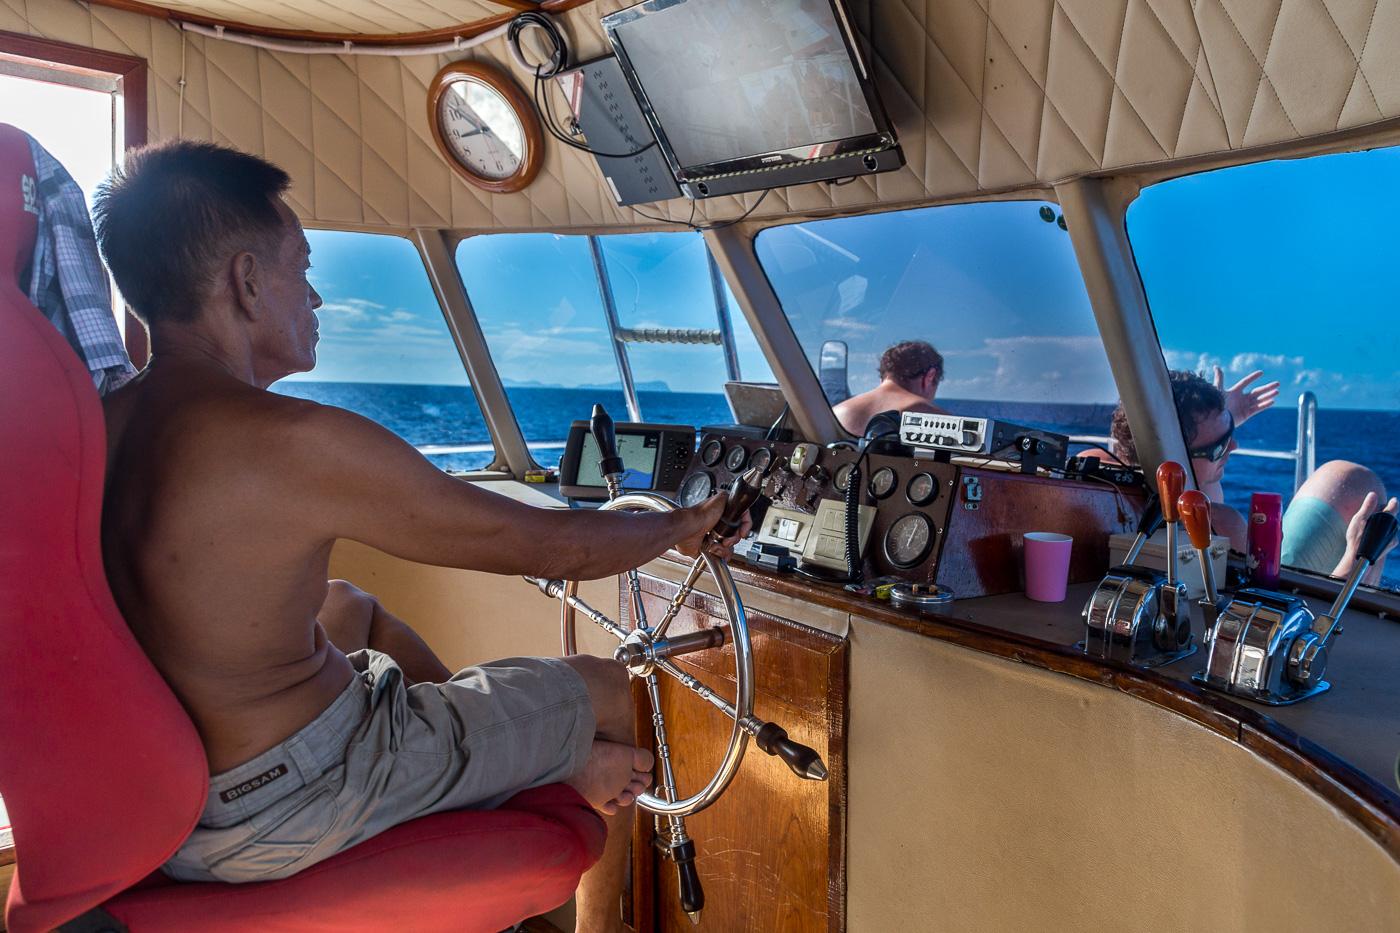 Our Koh Lanta diving adventure to Hin Daeng & Hin Muang with Scubafish